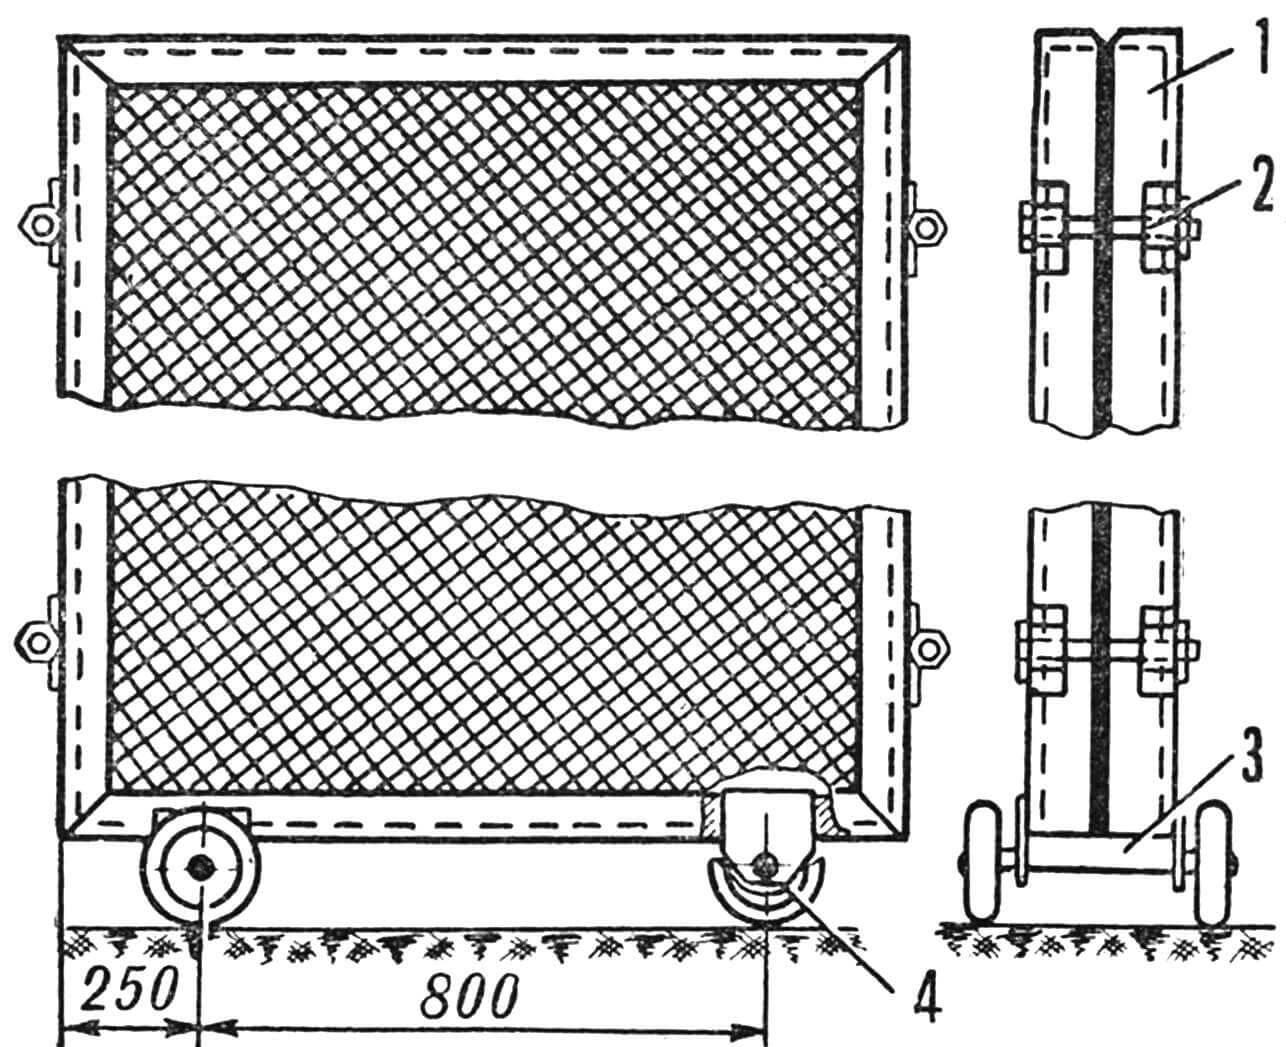 Рис. 1. Схема вертикальной теплицы: 1 — ручки; 2 — орошающая трубка; 3 — сотовая основа из пластмассы; 4 — прослойка шлаковаты; 5 — стяжной болт.